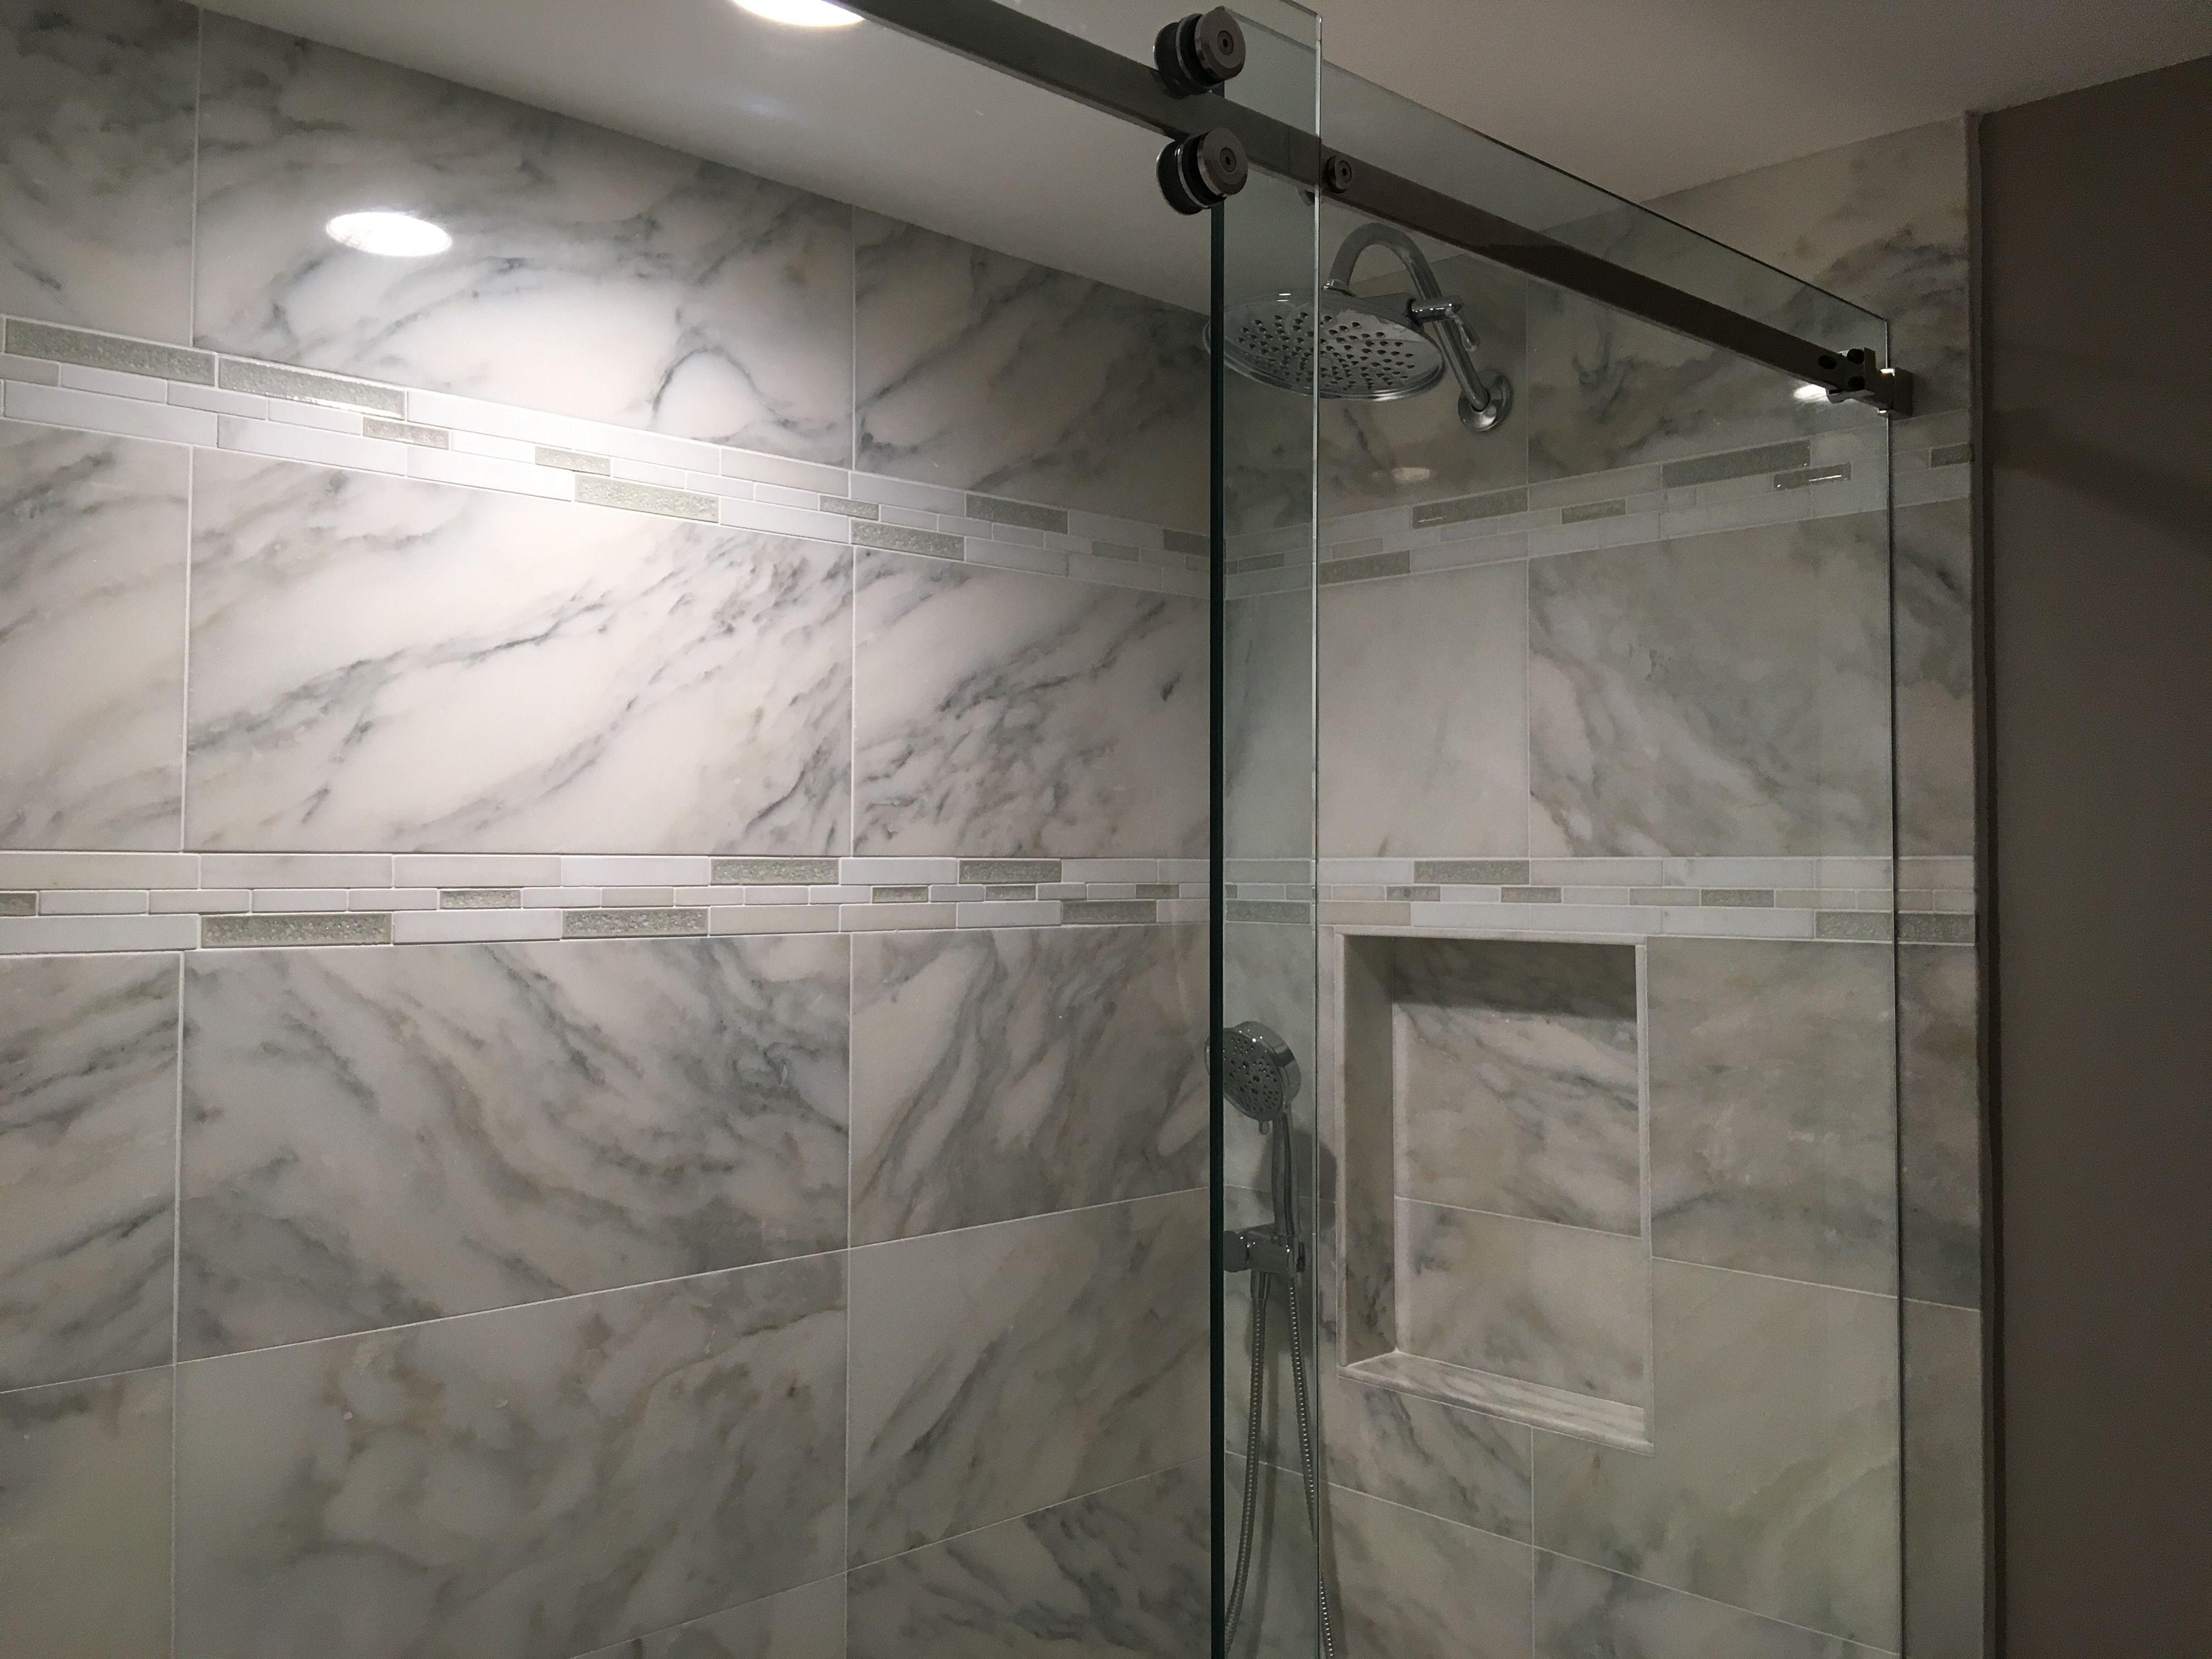 Serenity Series Frameless Sliding Shower Enclosure 3 8 Clear Gla Frameless Sliding Shower Doors Shower Sliding Glass Door Frameless Sliding Glass Shower Door